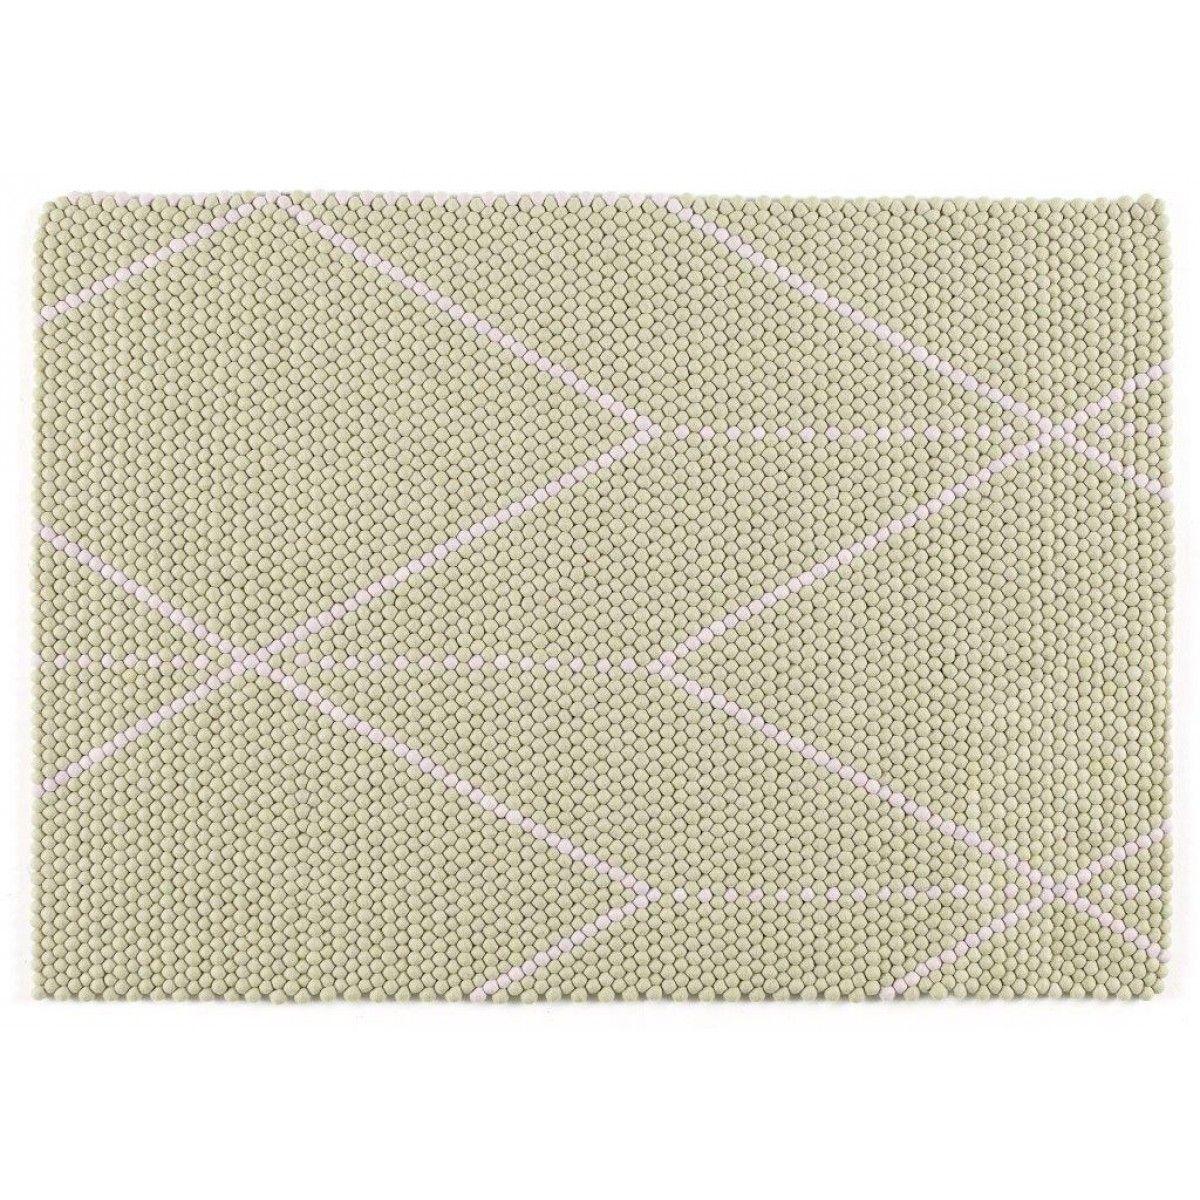 Teppich Hay s b dot carpet teppich hay einrichten design de 995 interior